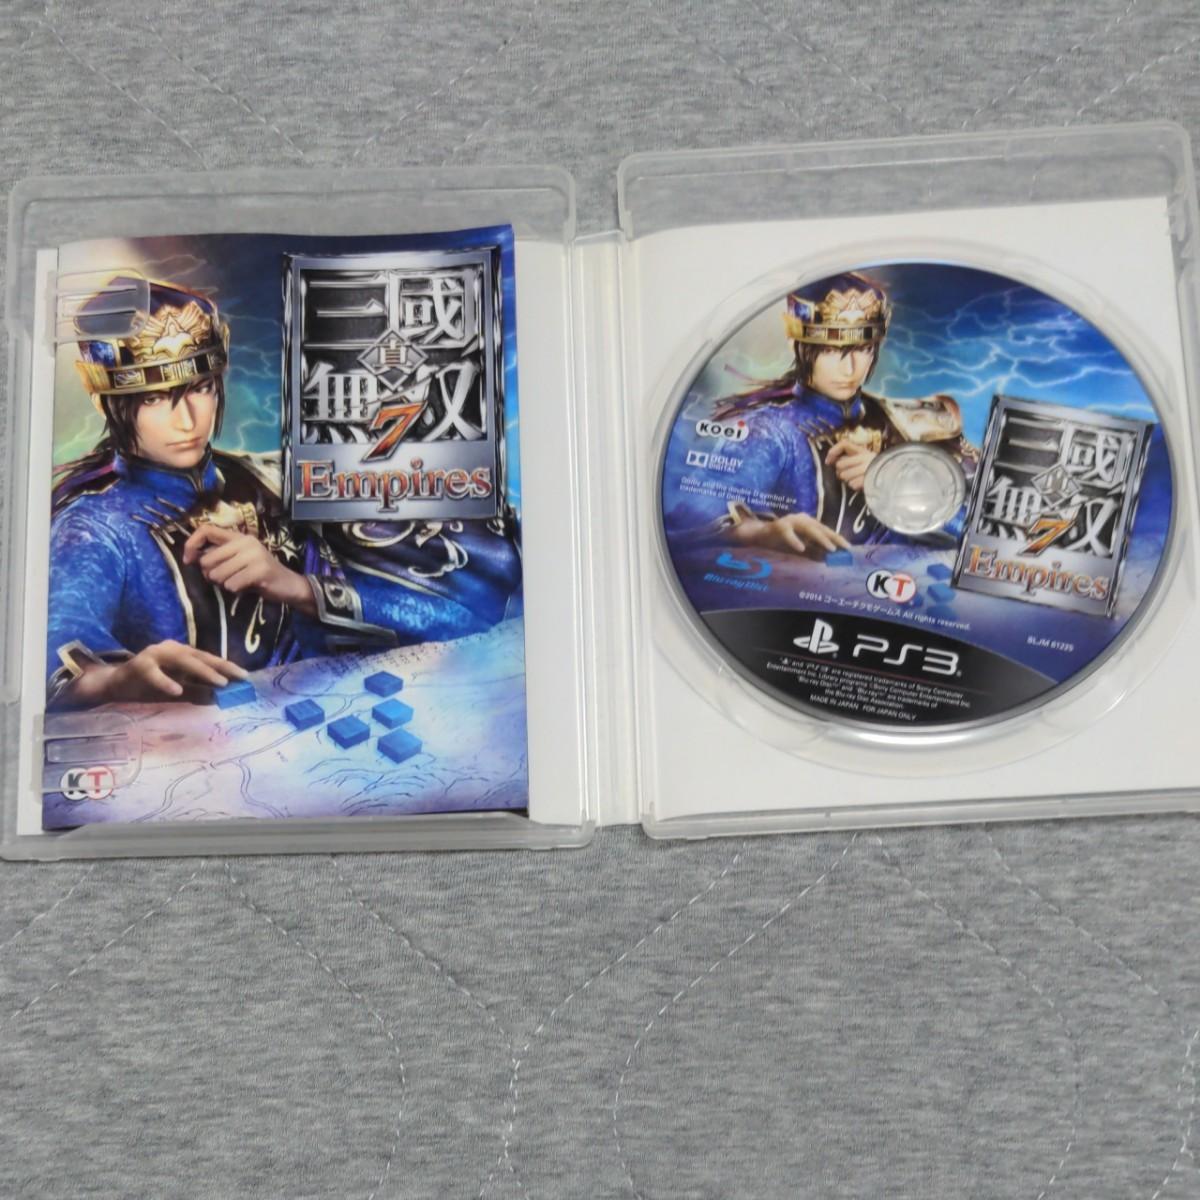 【PS3】 真・三國無双7 Empires [通常版]